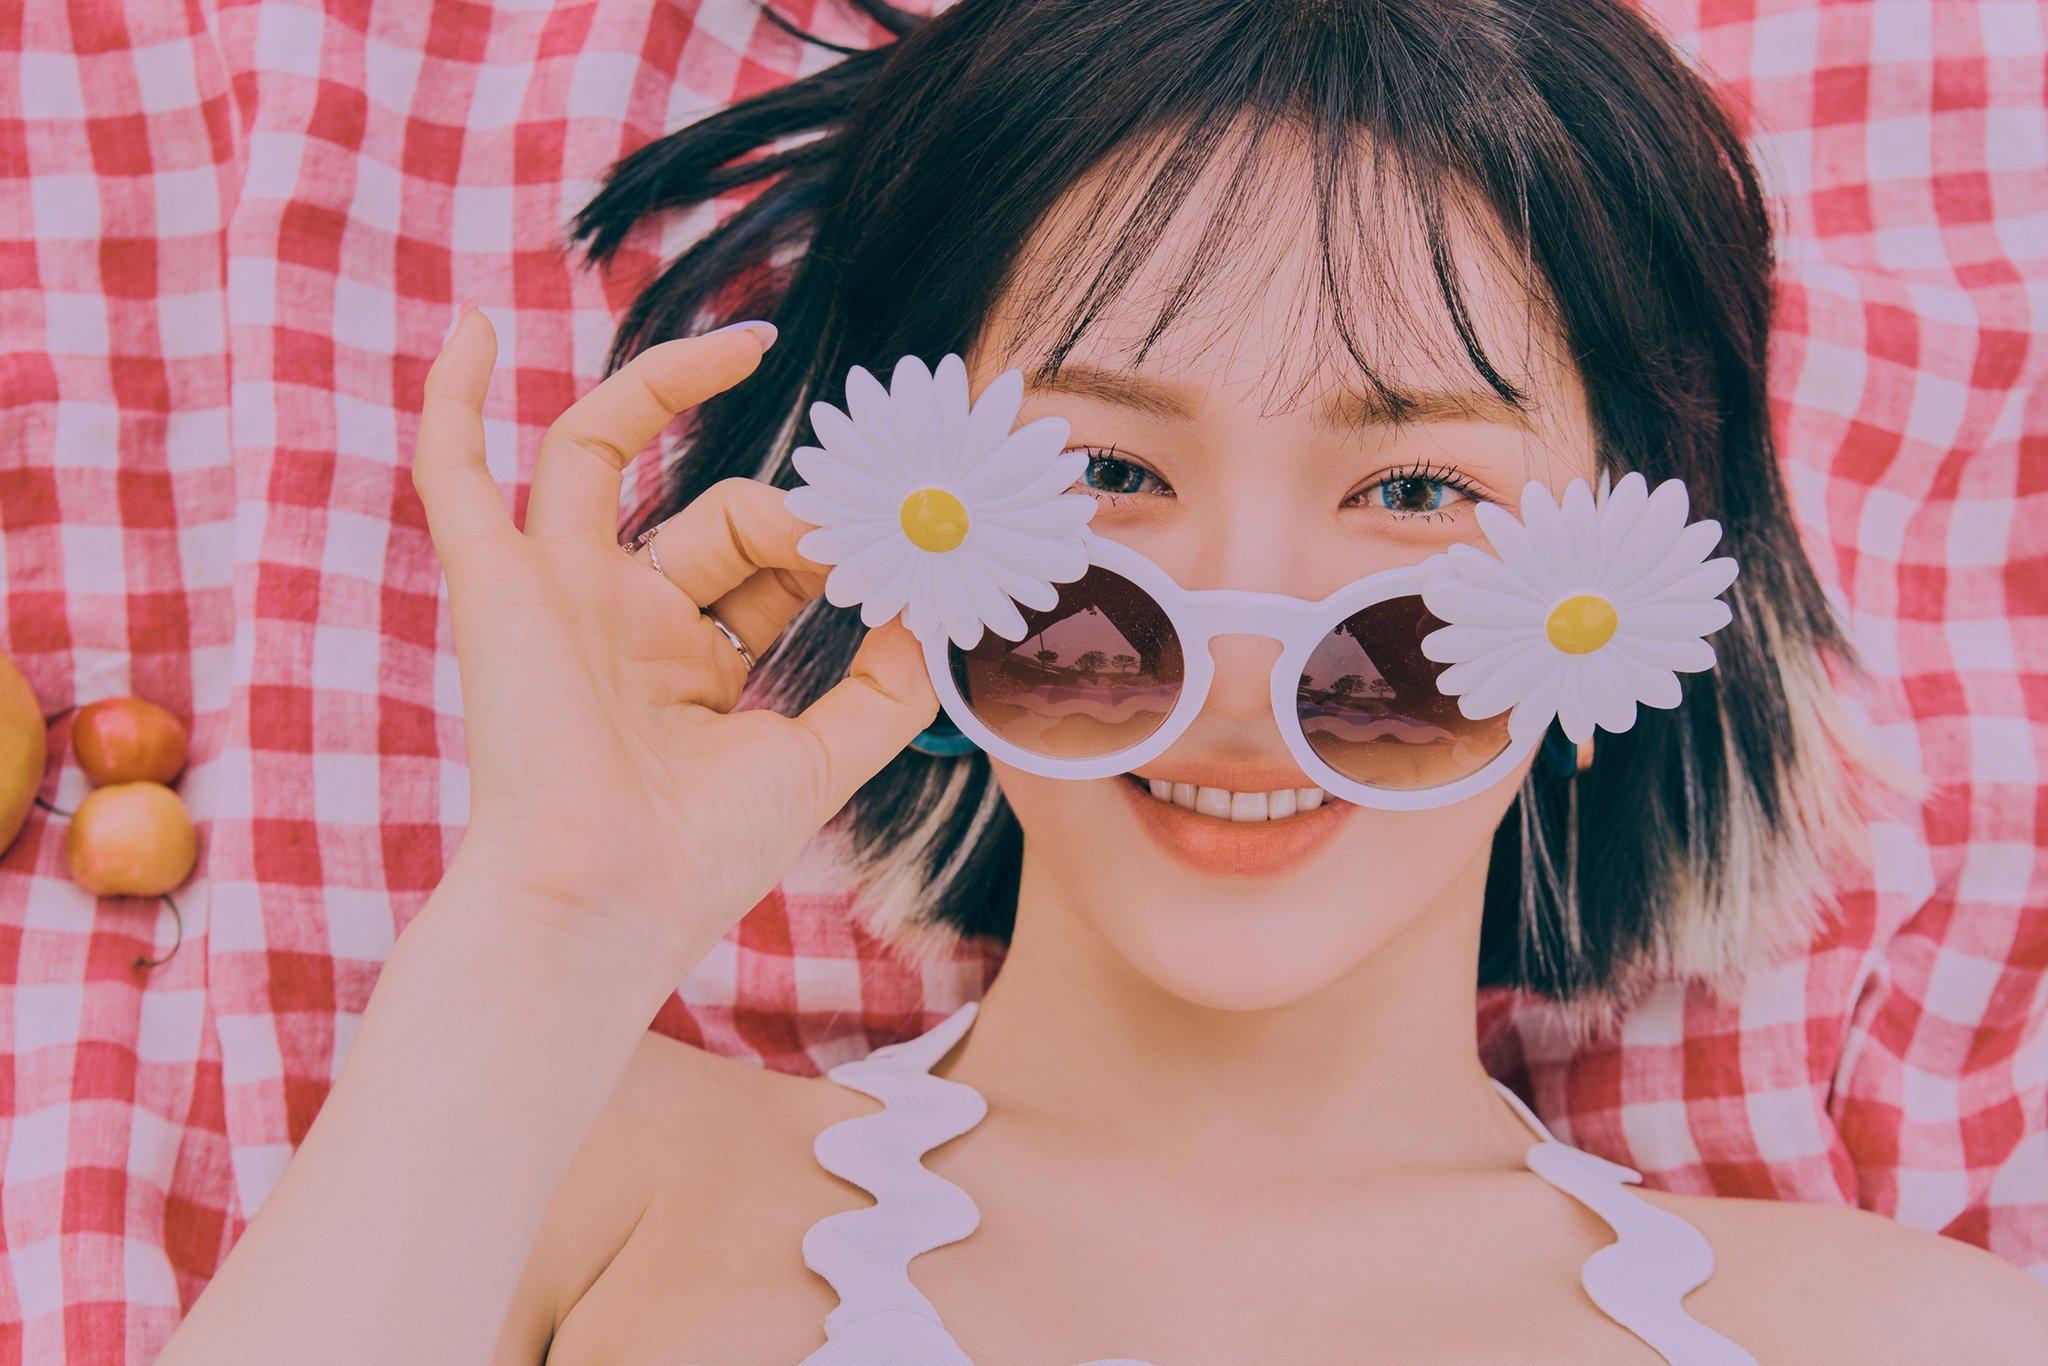 Wendy (Red Velvet) Teaser Photos – EP ['The ReVe Festival' Day 2]